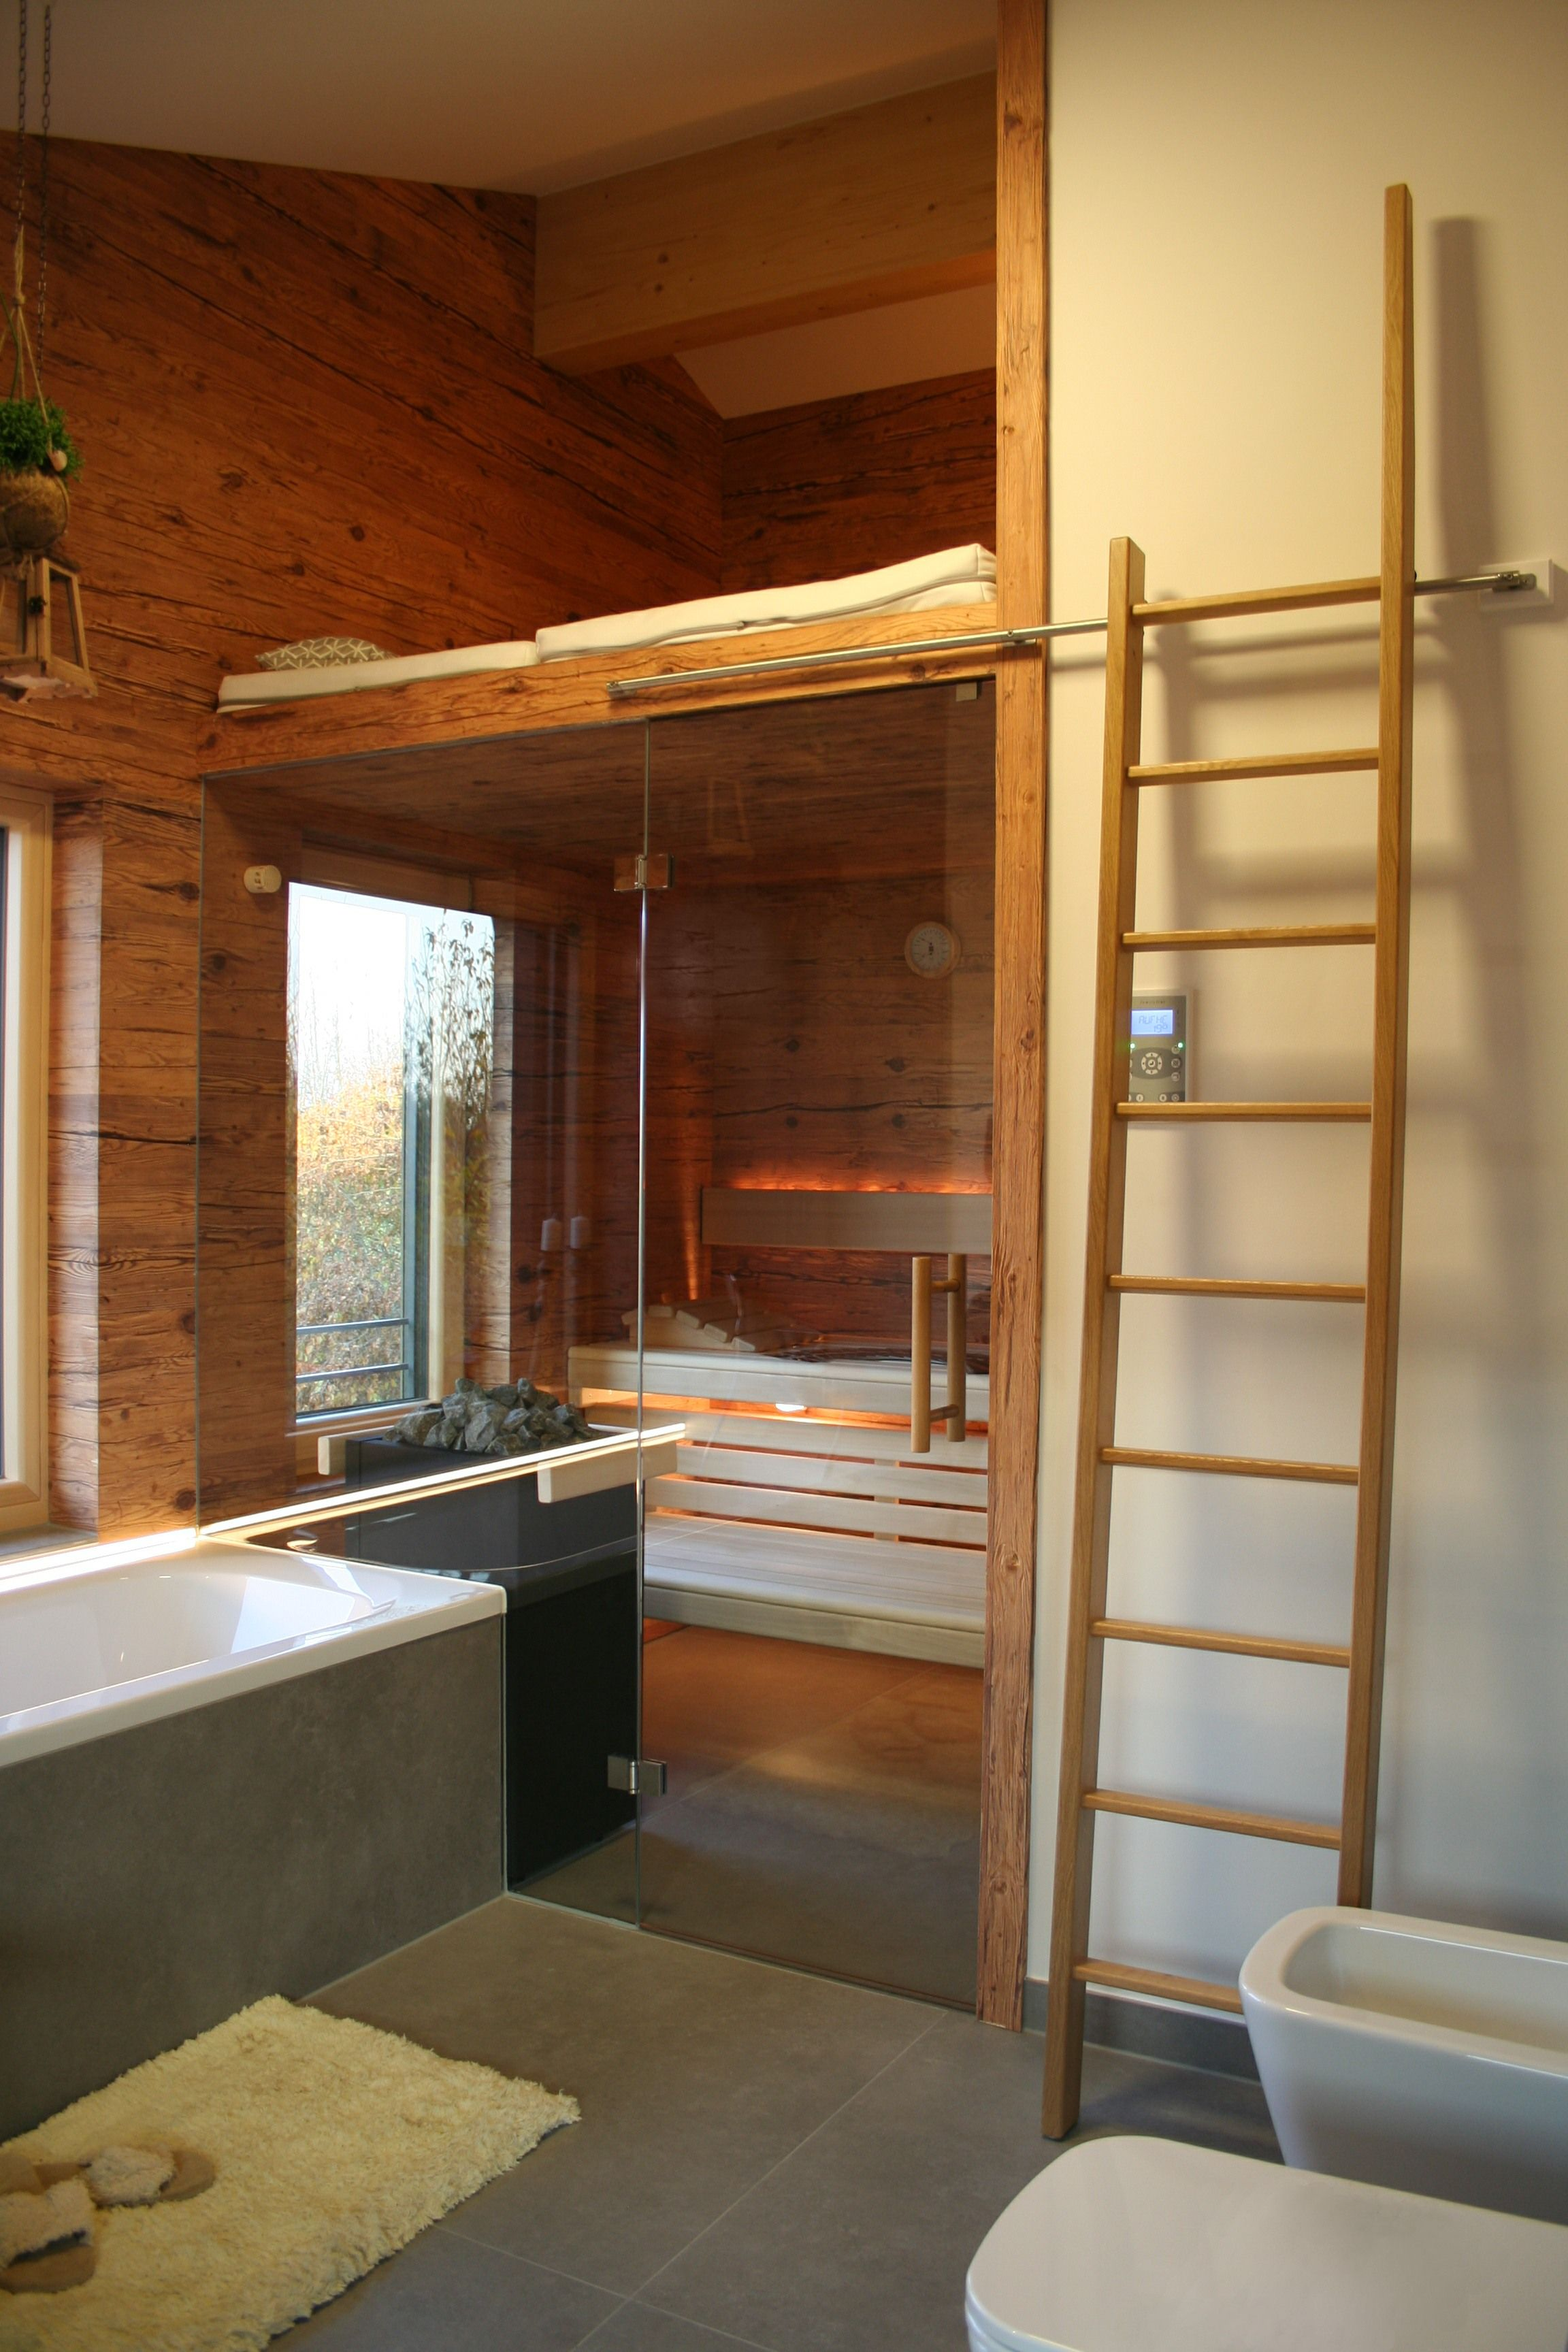 Sauna Mit Altholz Altholz Sauna Badezimmer Mit Sauna Tolle Badezimmer